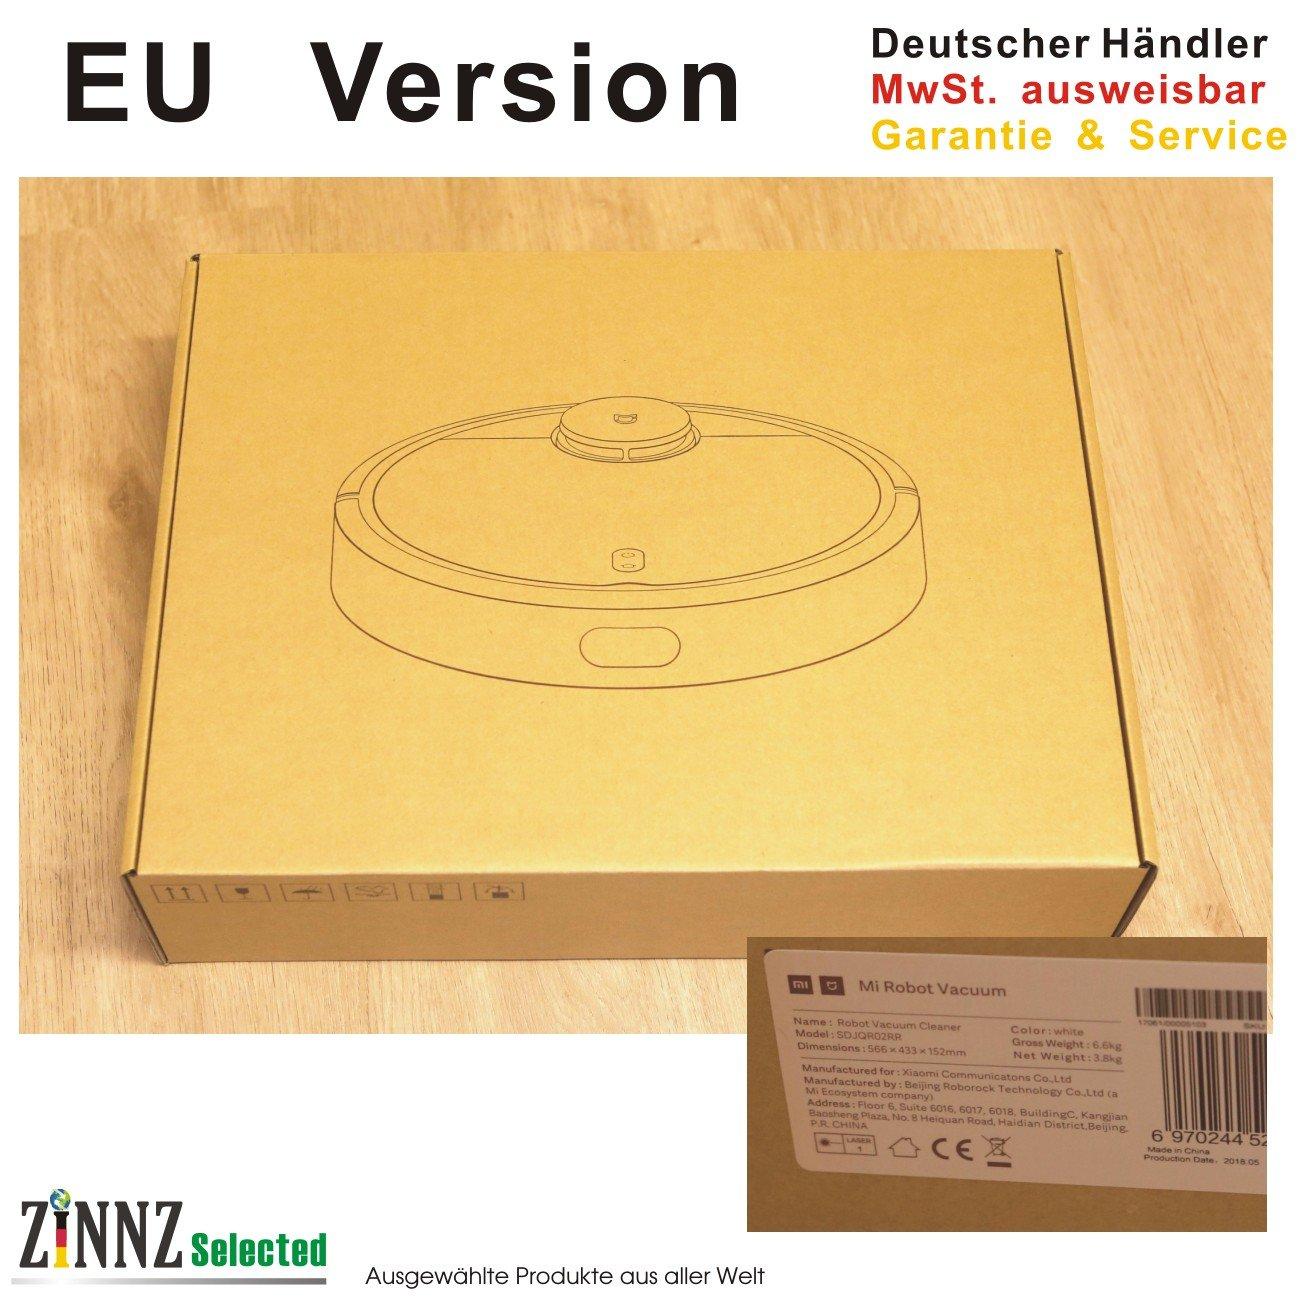 3 años de garantía # Xiaomi Mi Robot Vacuum Cleaner Robot Aspirador White Blanco Marcado CE EU Version de Alemania Service # zinnz Selected #: Amazon.es: Electrónica